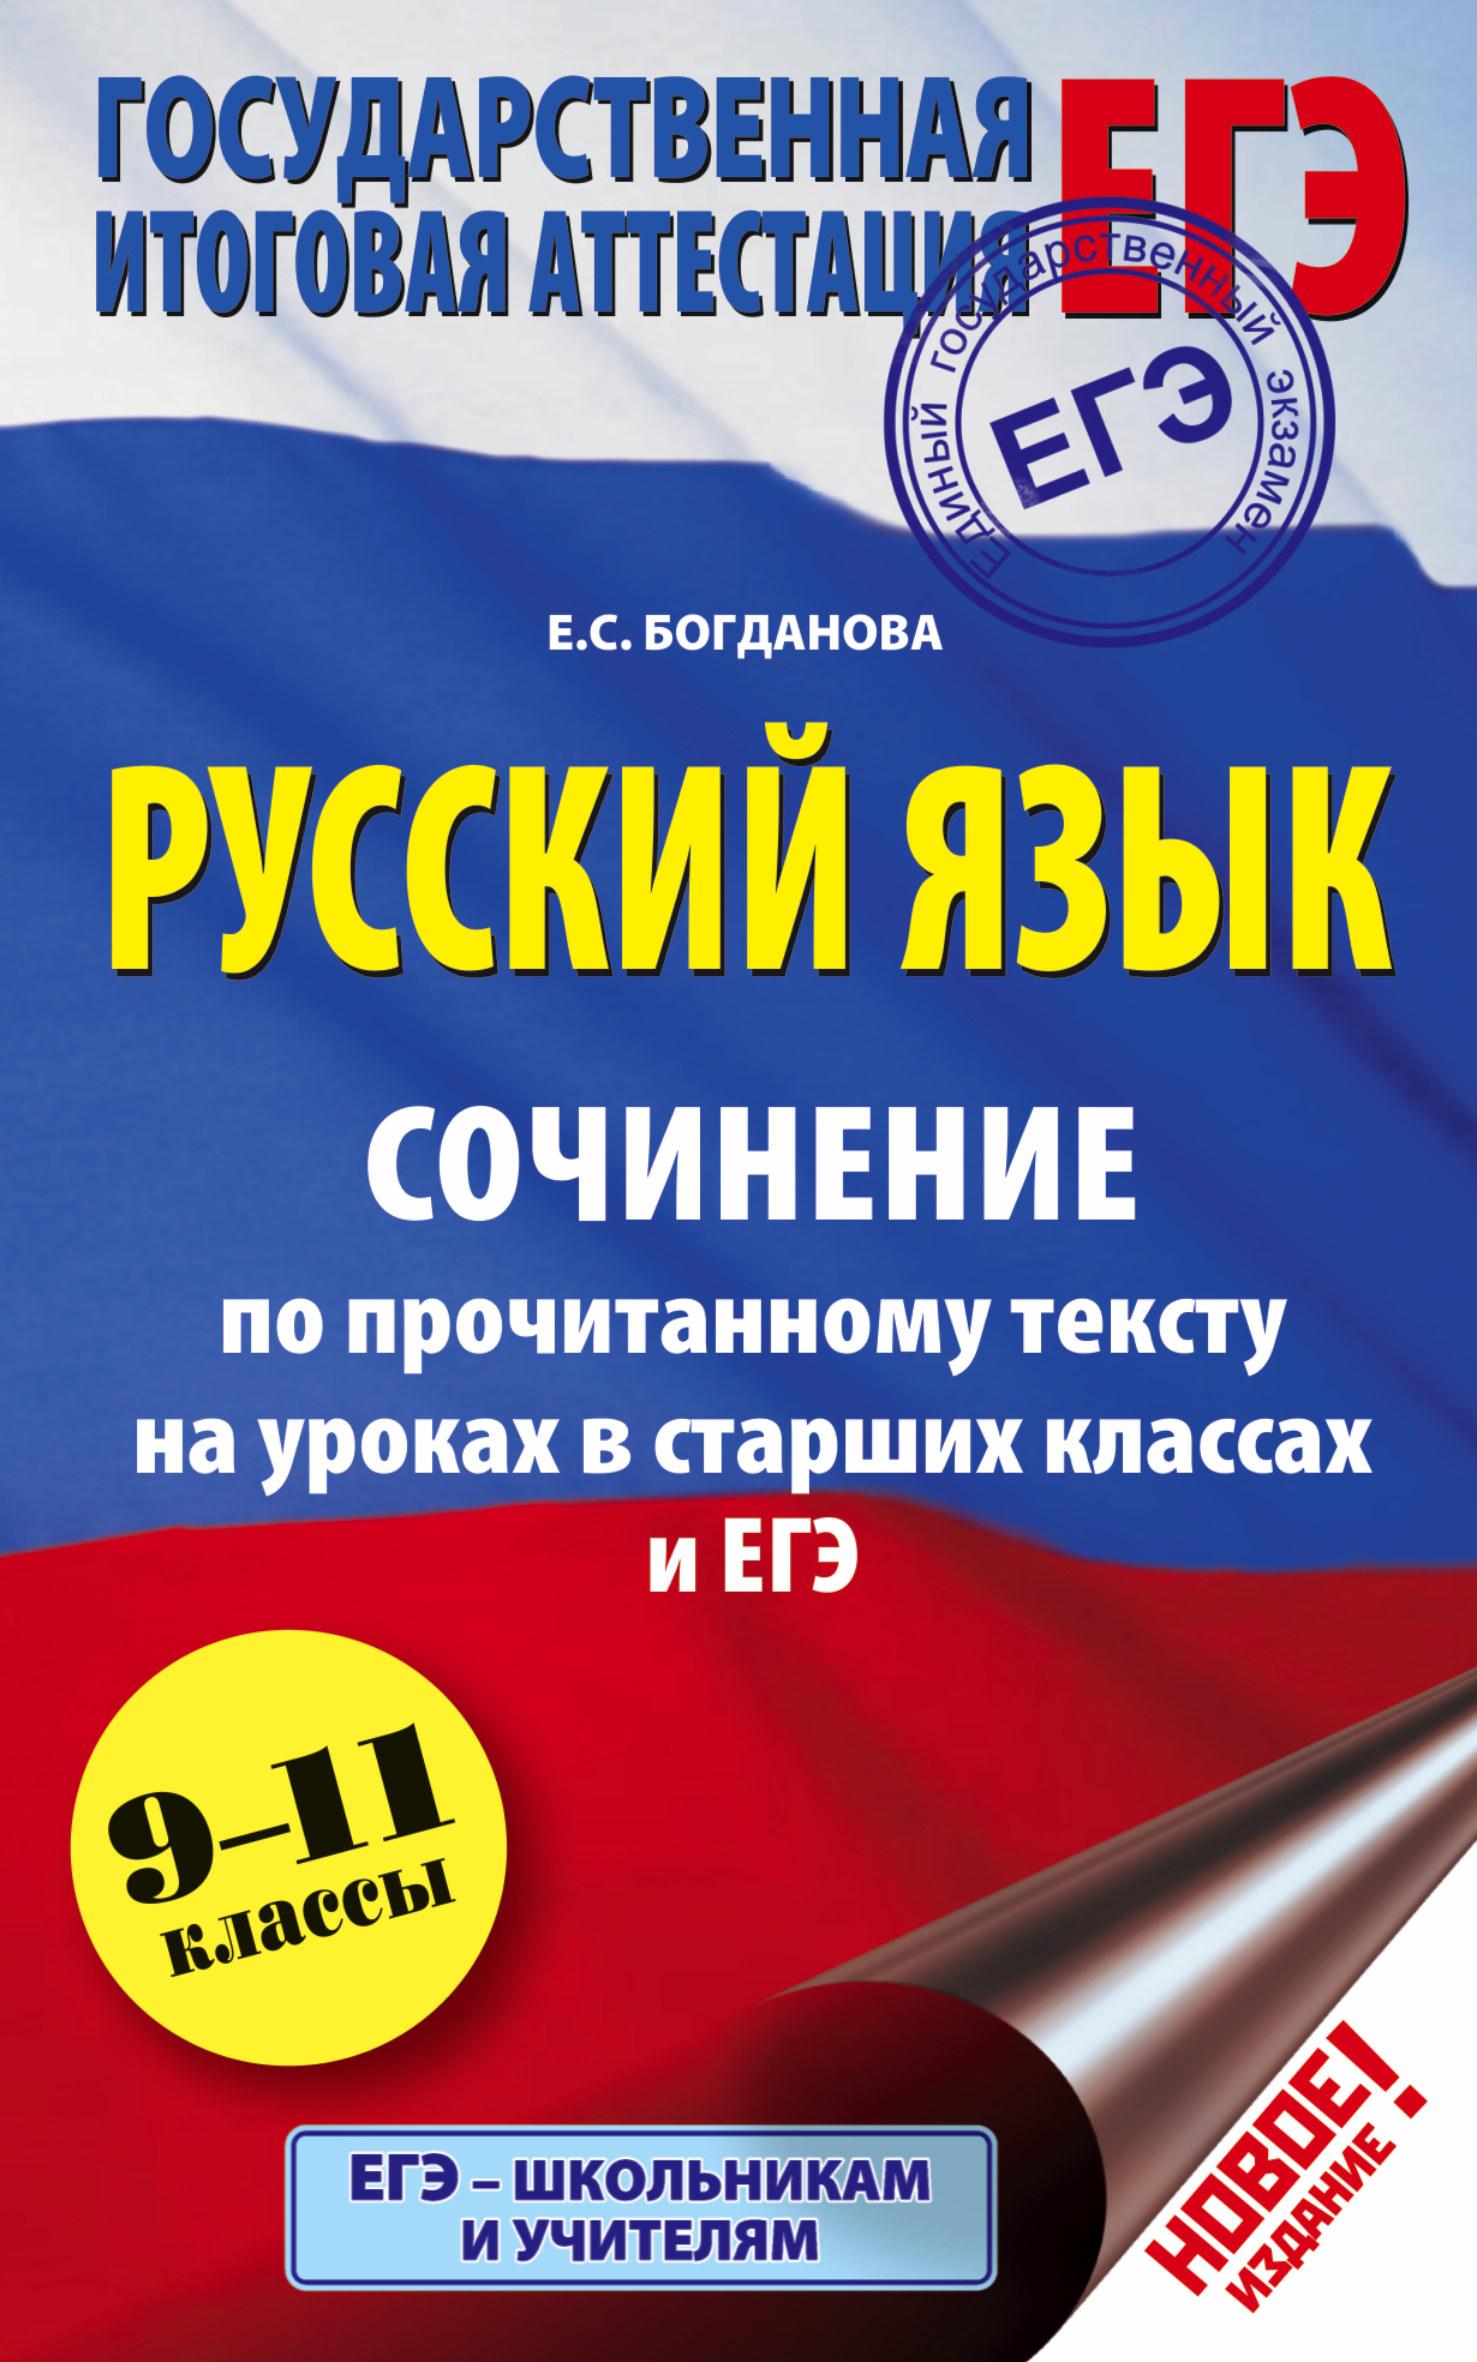 ЕГЭ. Русский язык. 9-11 классы. Сочинение по прочитанному тексту на уроках в старших классах и ЕГЭ